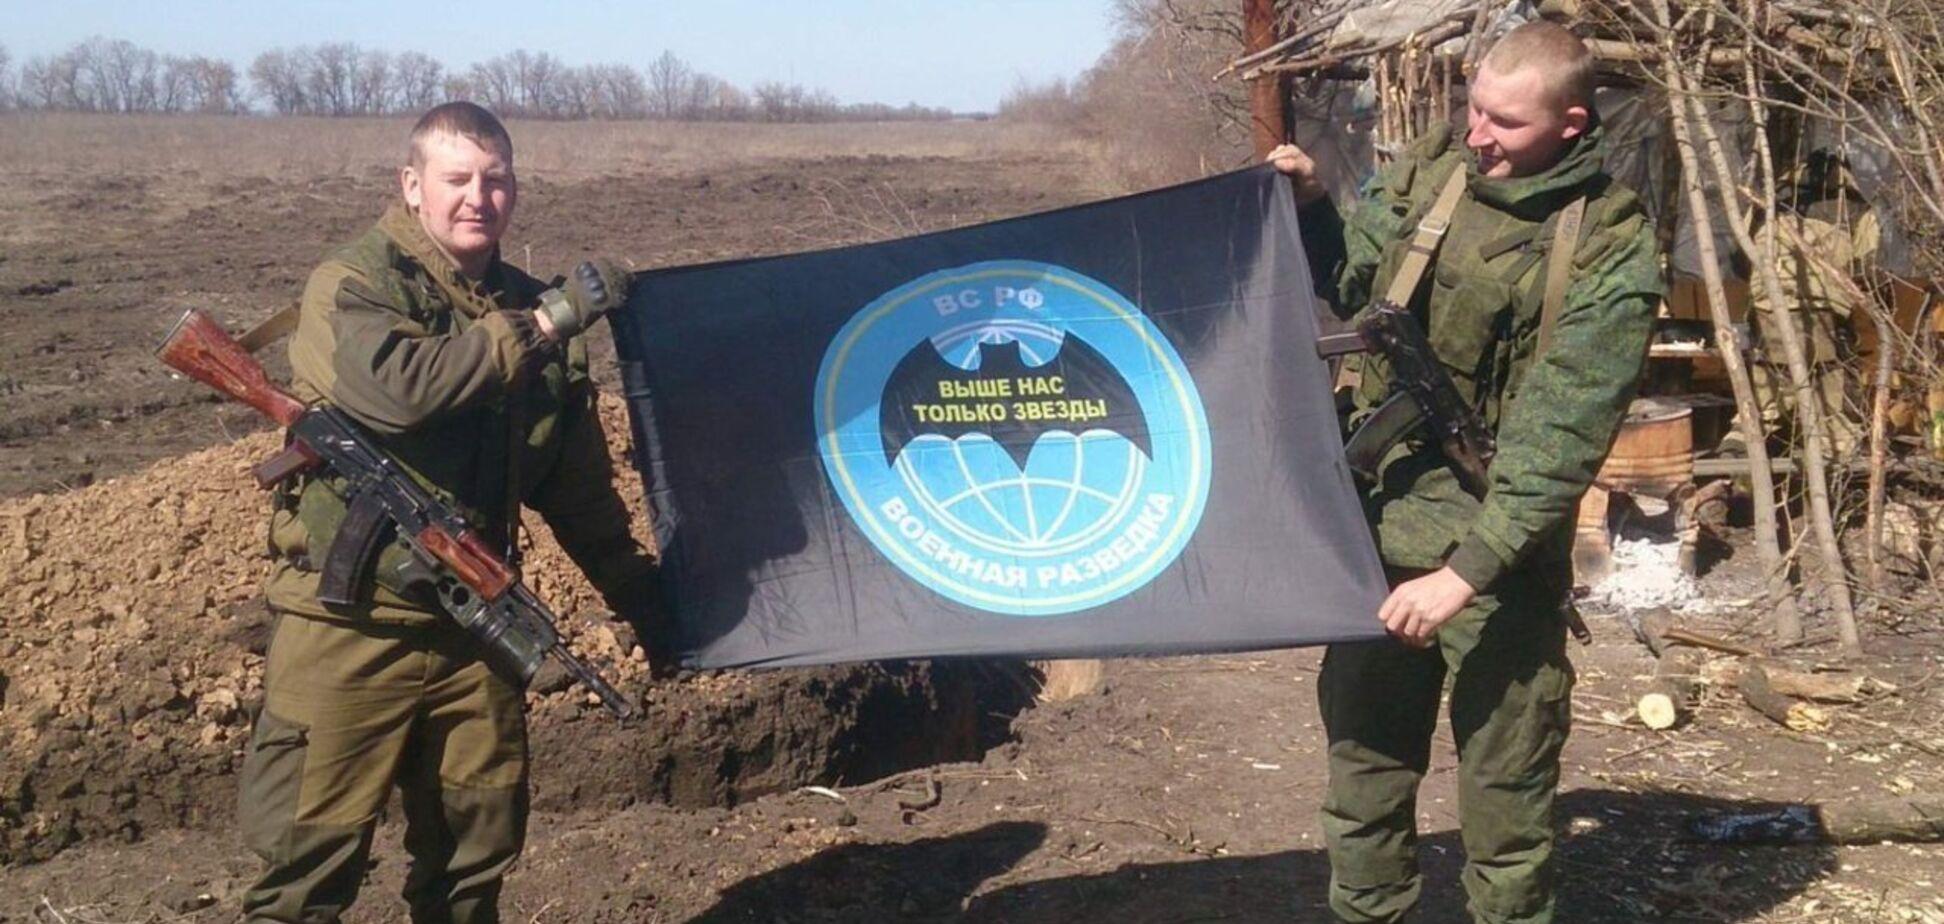 Вирок Агєєву: в Росії спільника терористів 'ЛНР' зробили 'жертвою викрадення'